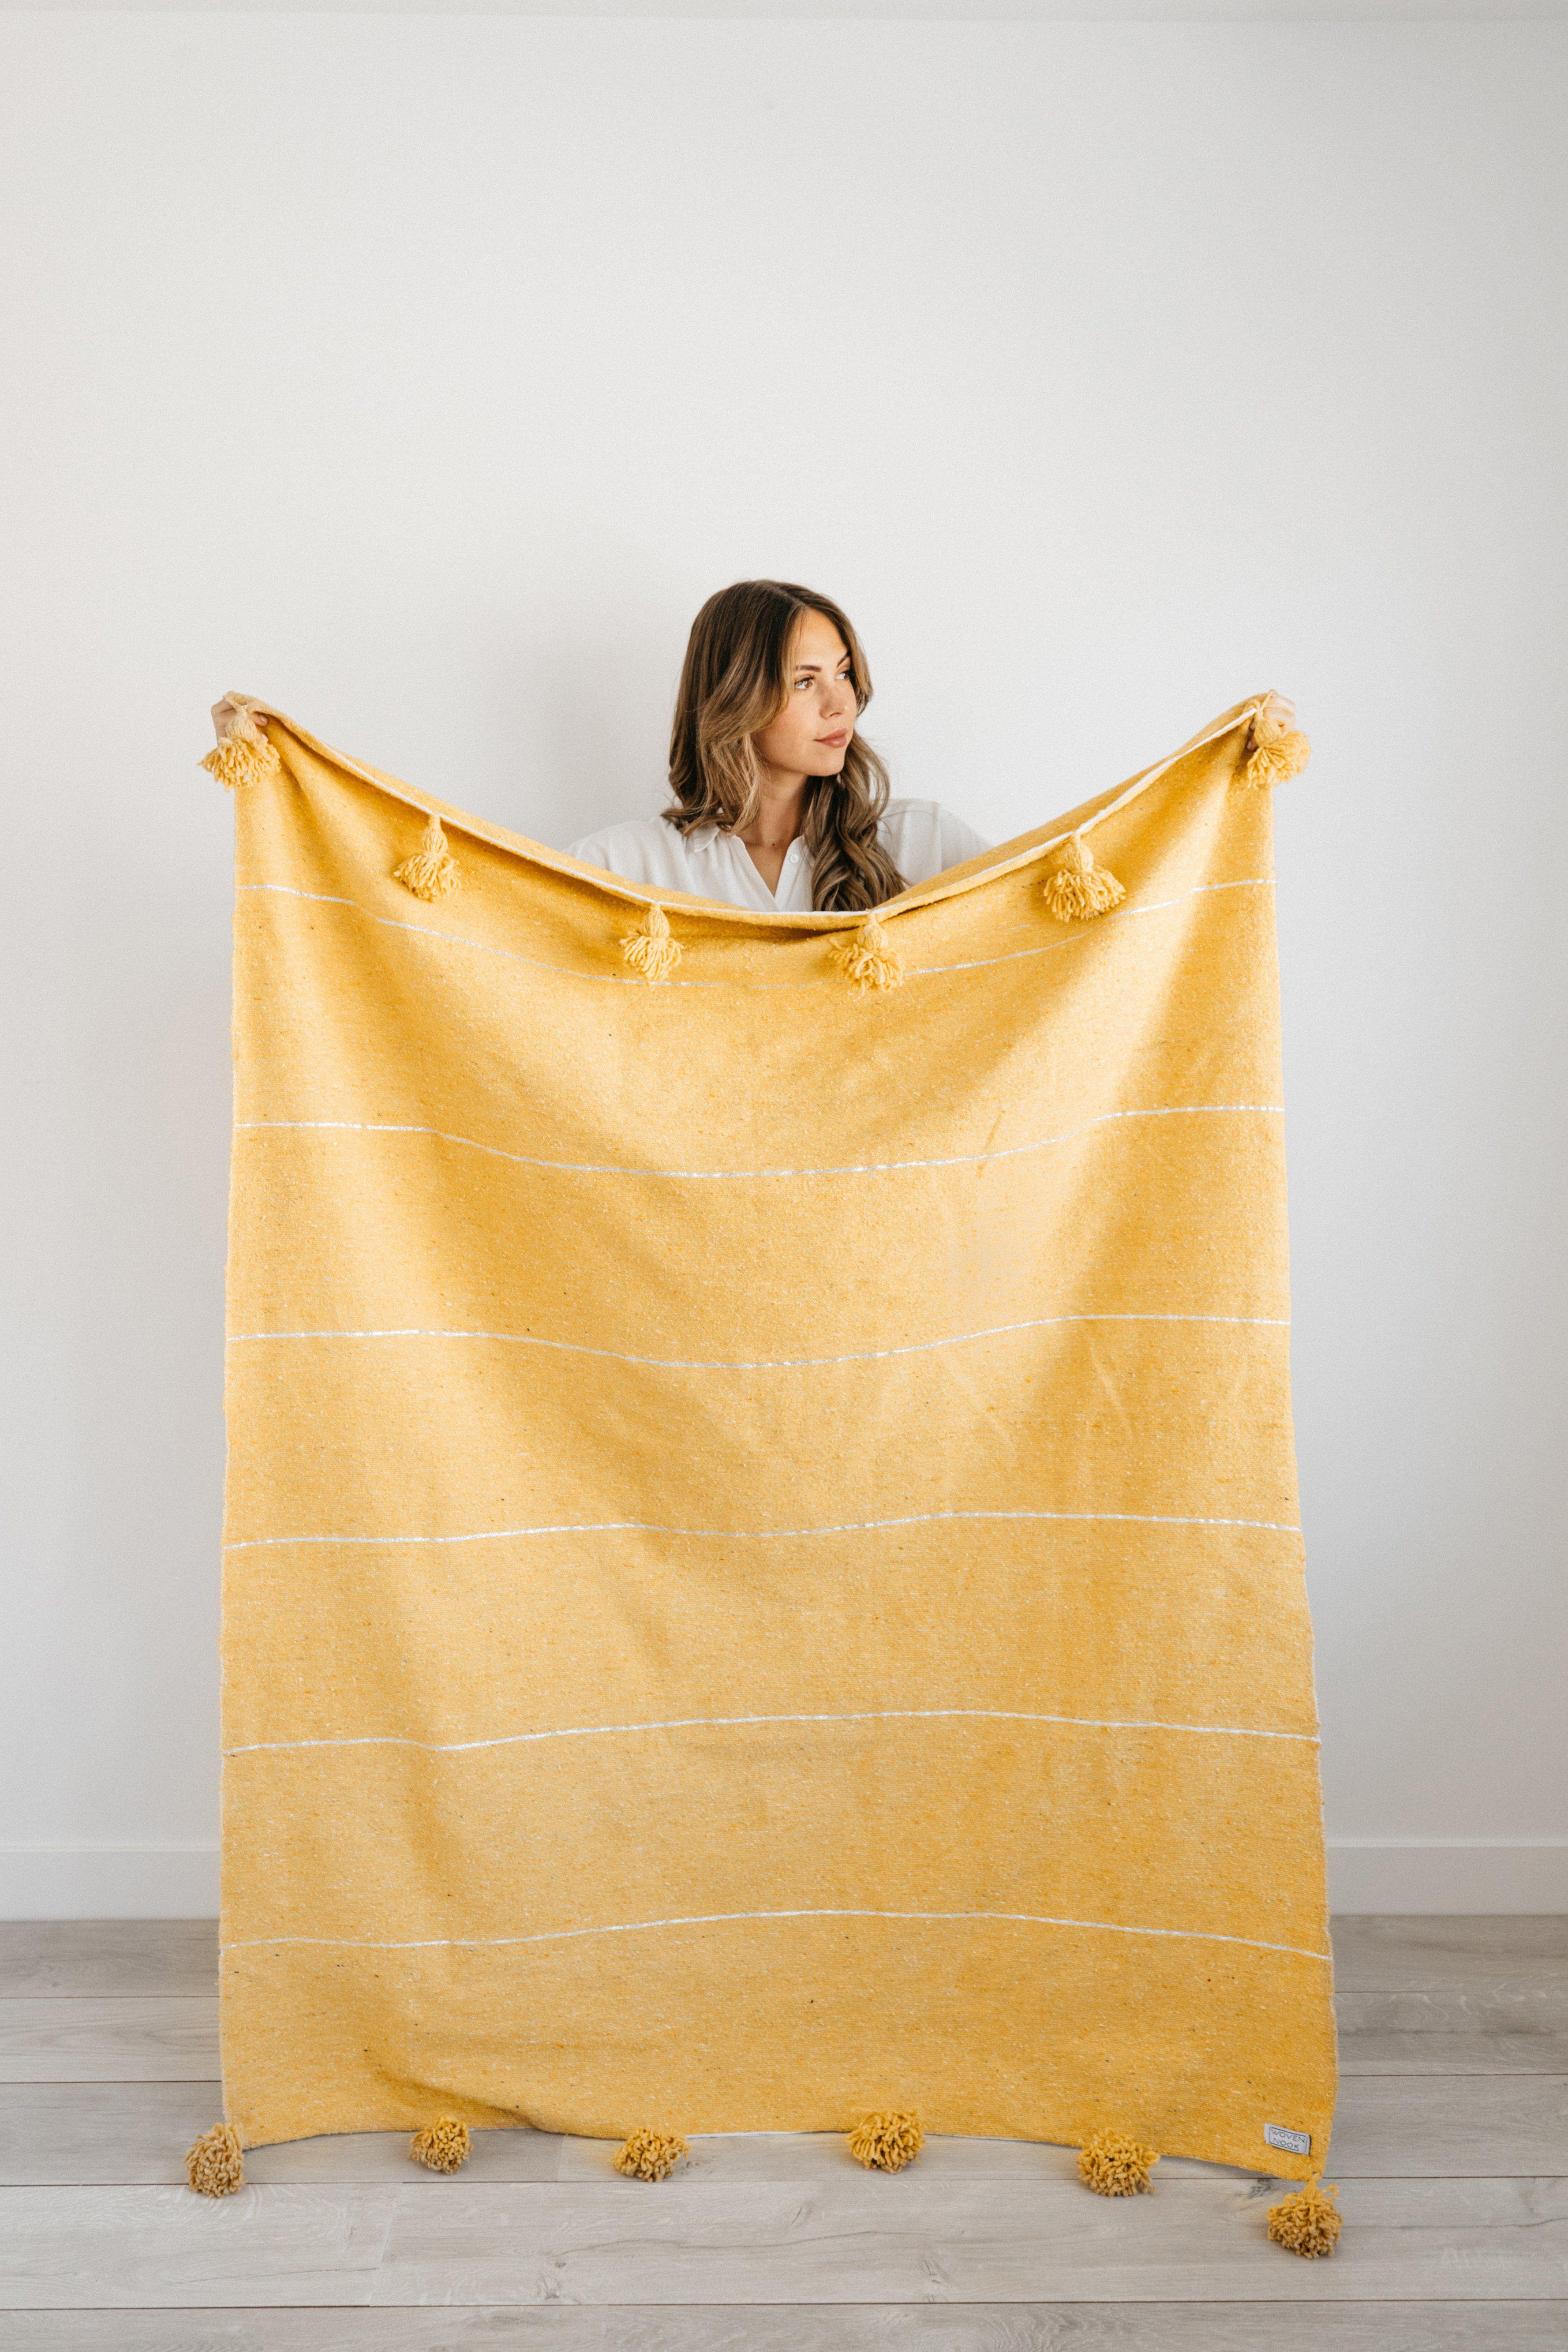 Capri Pom Pom Blanket Hand Woven Blanket Pom Pom Blanket Hand Weaving